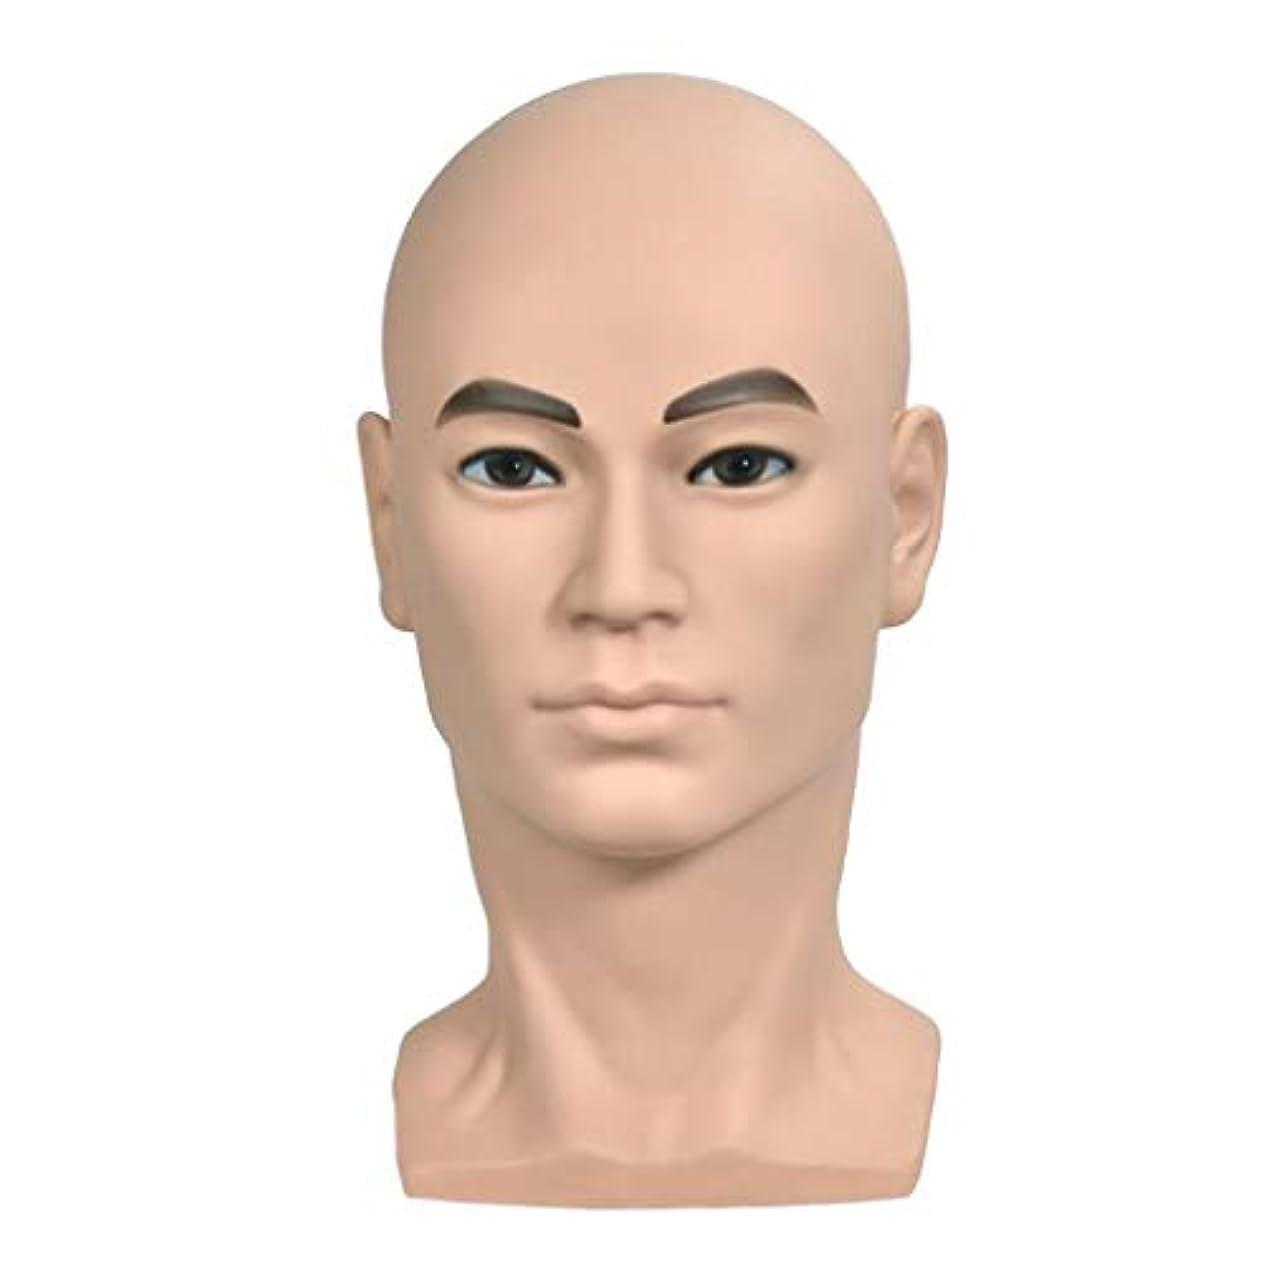 遺体安置所蒸し器収縮マネキンヘッド 男性 ヘッドモデル ウィッグ 帽子 ディスプレイ ホルダー 美容院 家